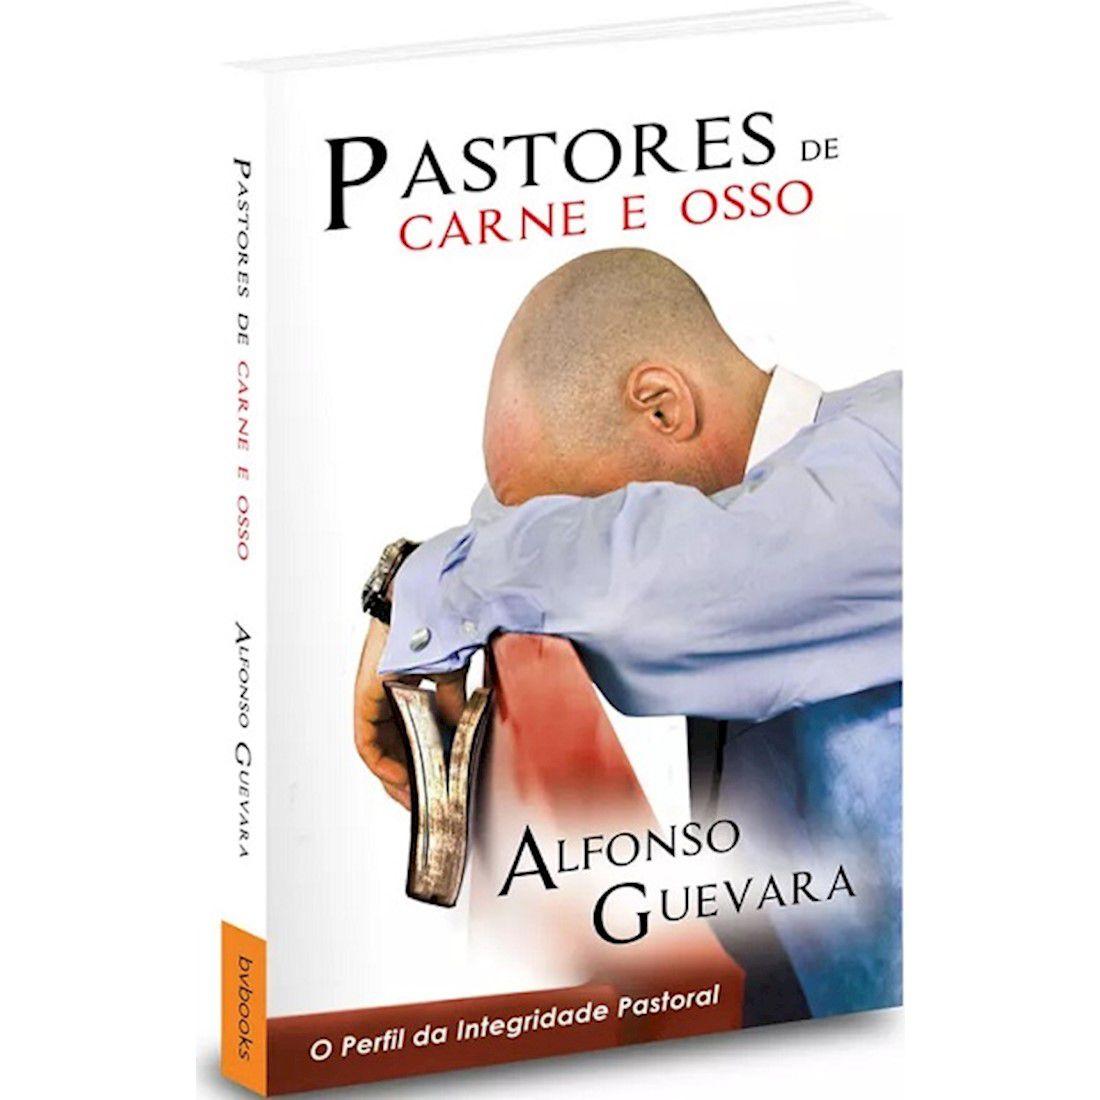 Livro Pastores de Carne e Osso